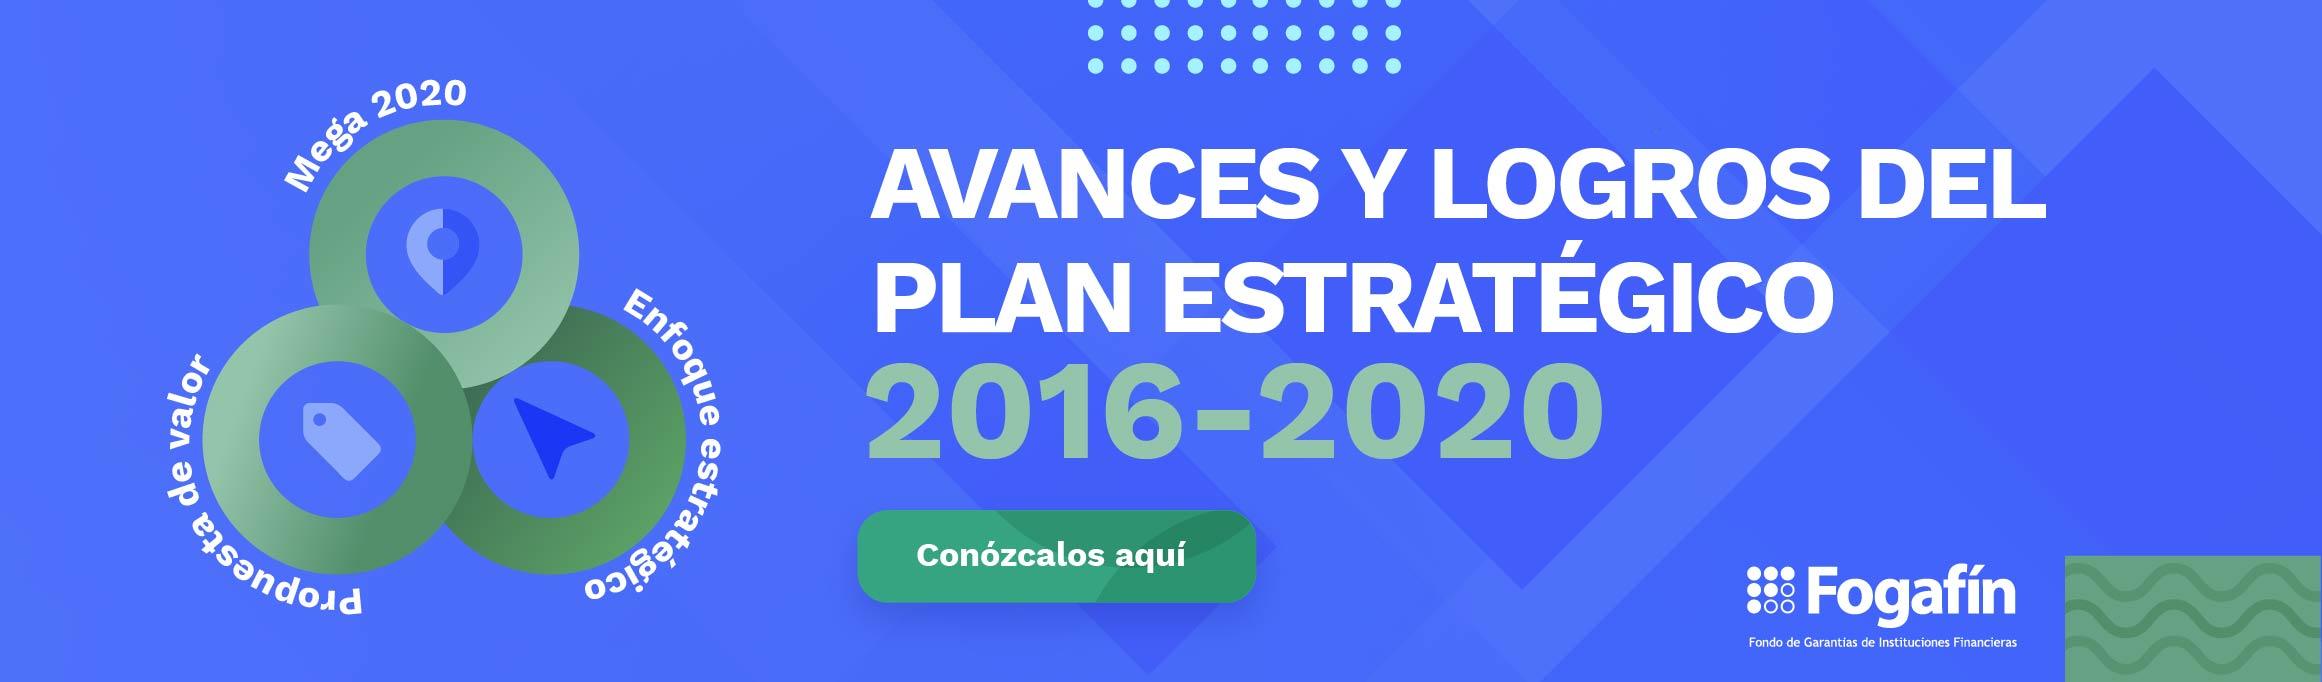 Avances y logros del Plan Estratégico 2016-2020